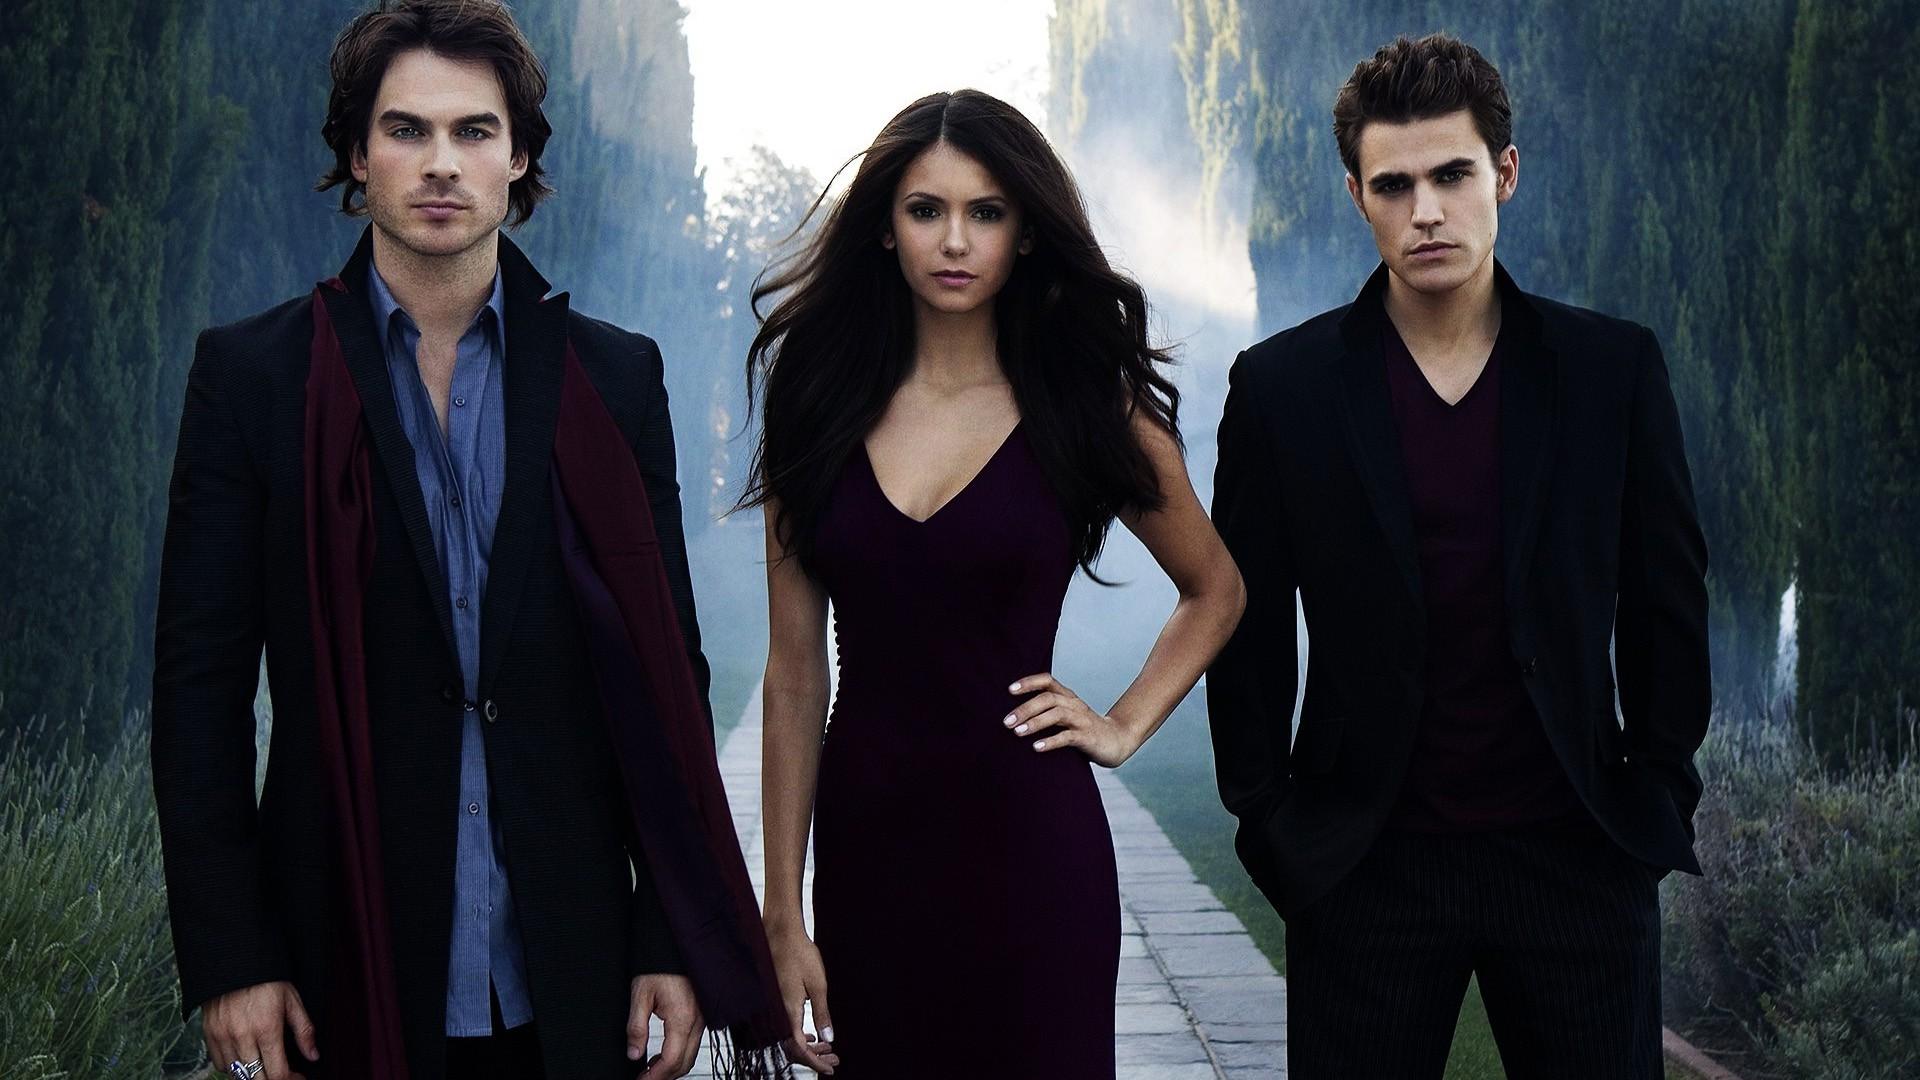 Vampire Diaries Full HD Wallpaper